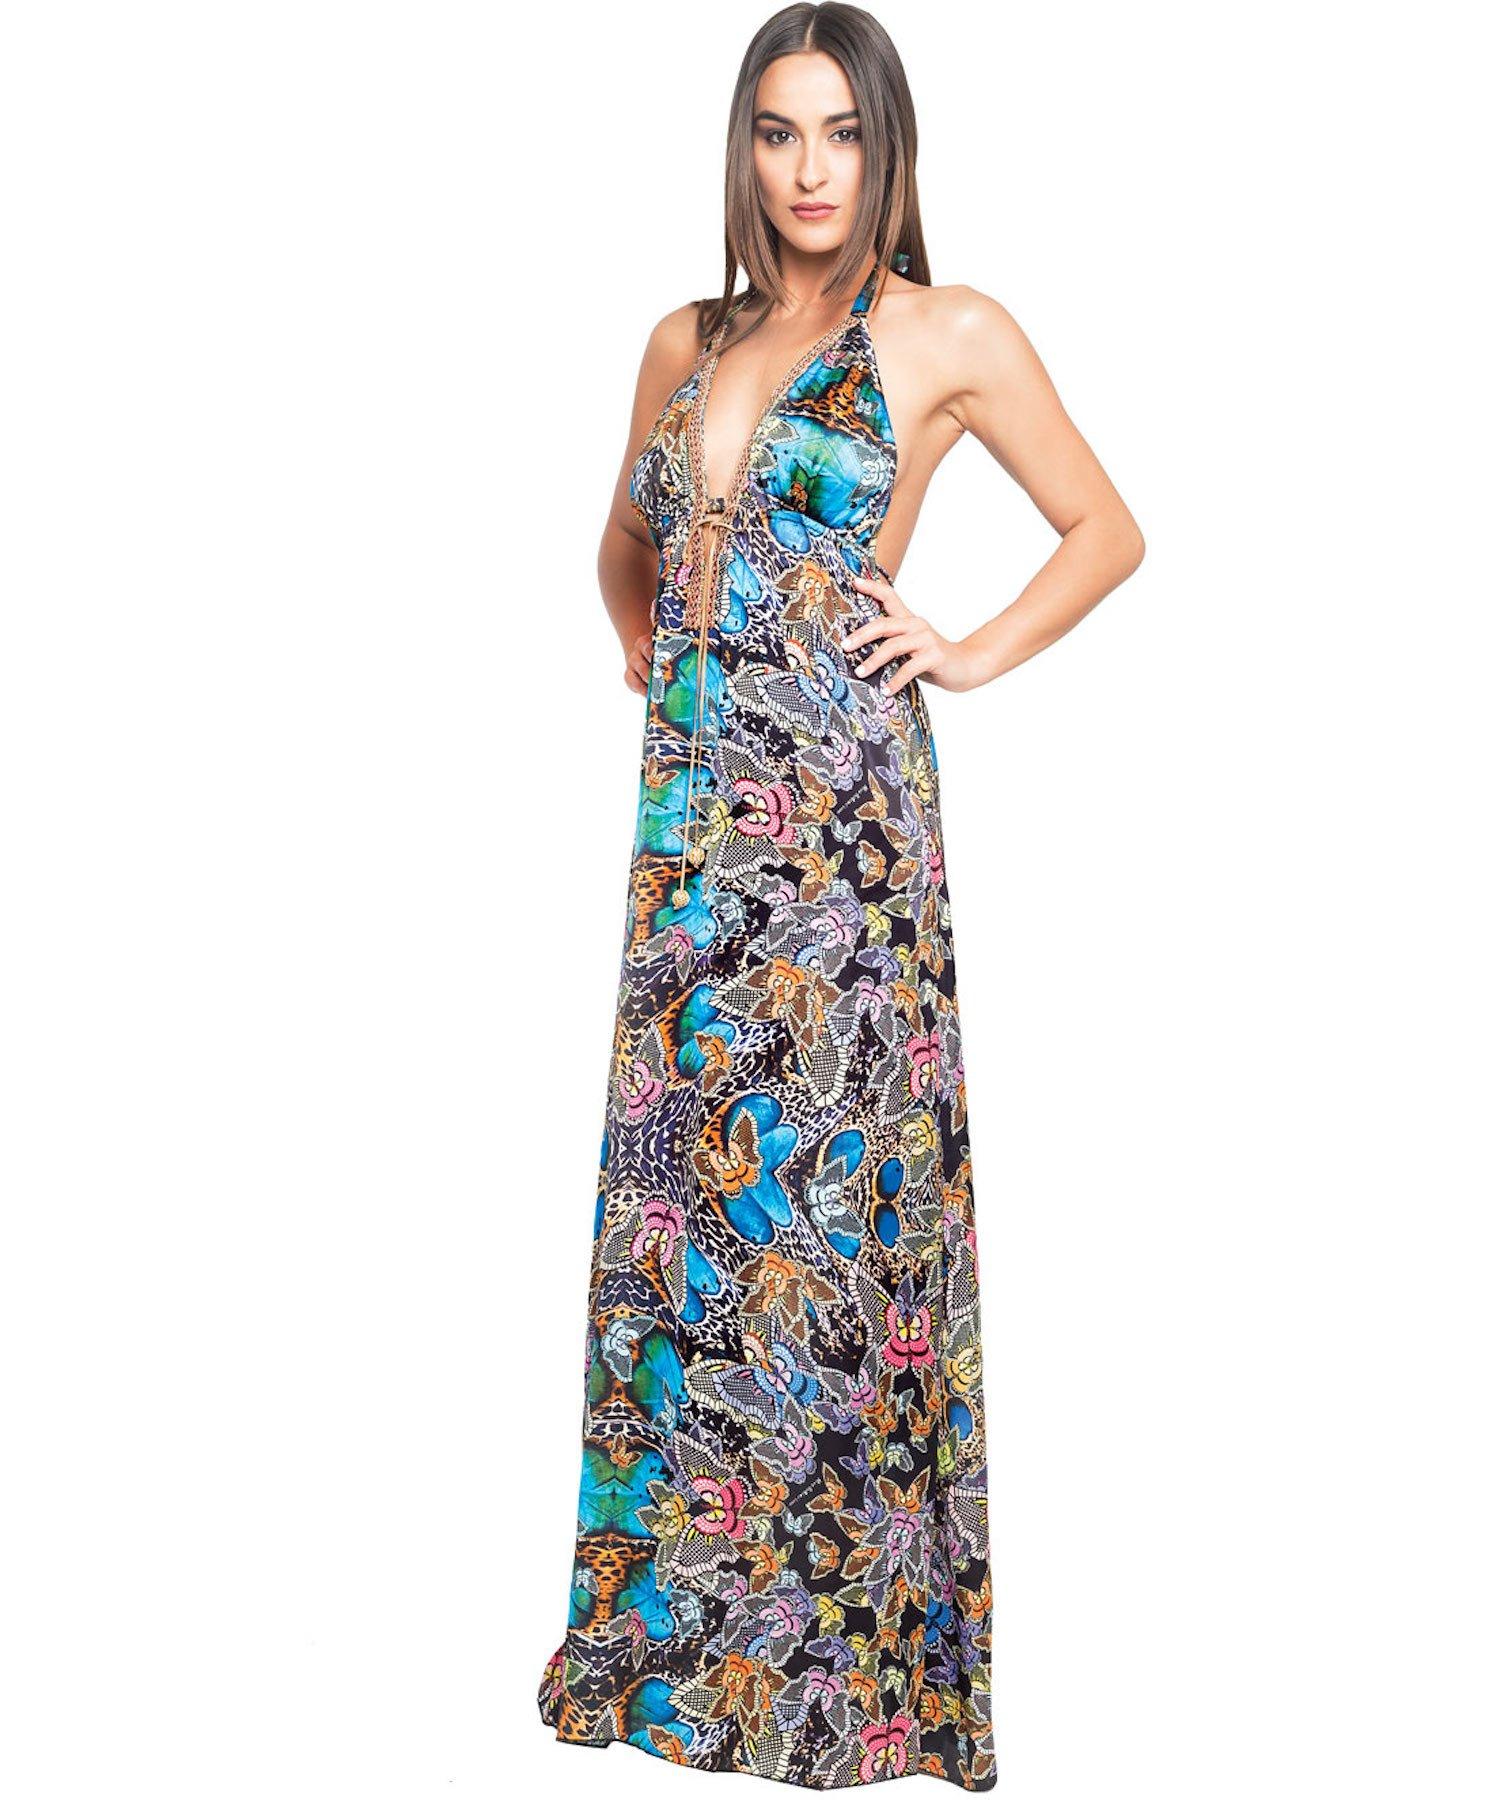 SAVANA AMERICAN DRESS 3734 - Savana Blu